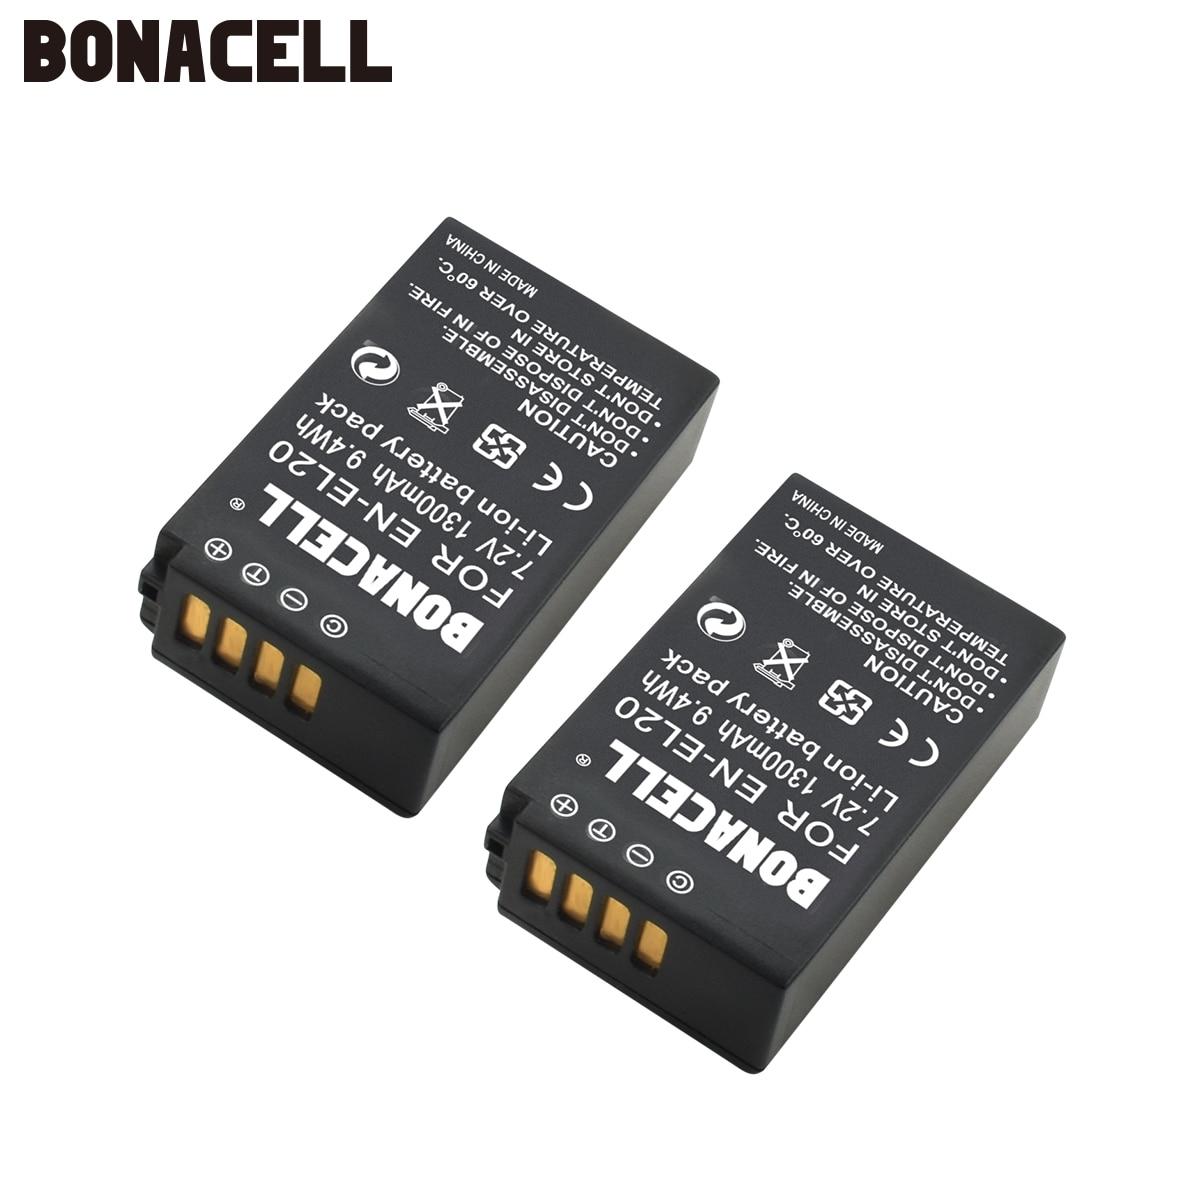 Bonacell 7.2V 1300mAh EN-EL20 EN EL20 ENEL20 Rechargeable Camera Battery For Nikon EN-EL20a 1 J1 J2 J3 S1 Digital Camera L10